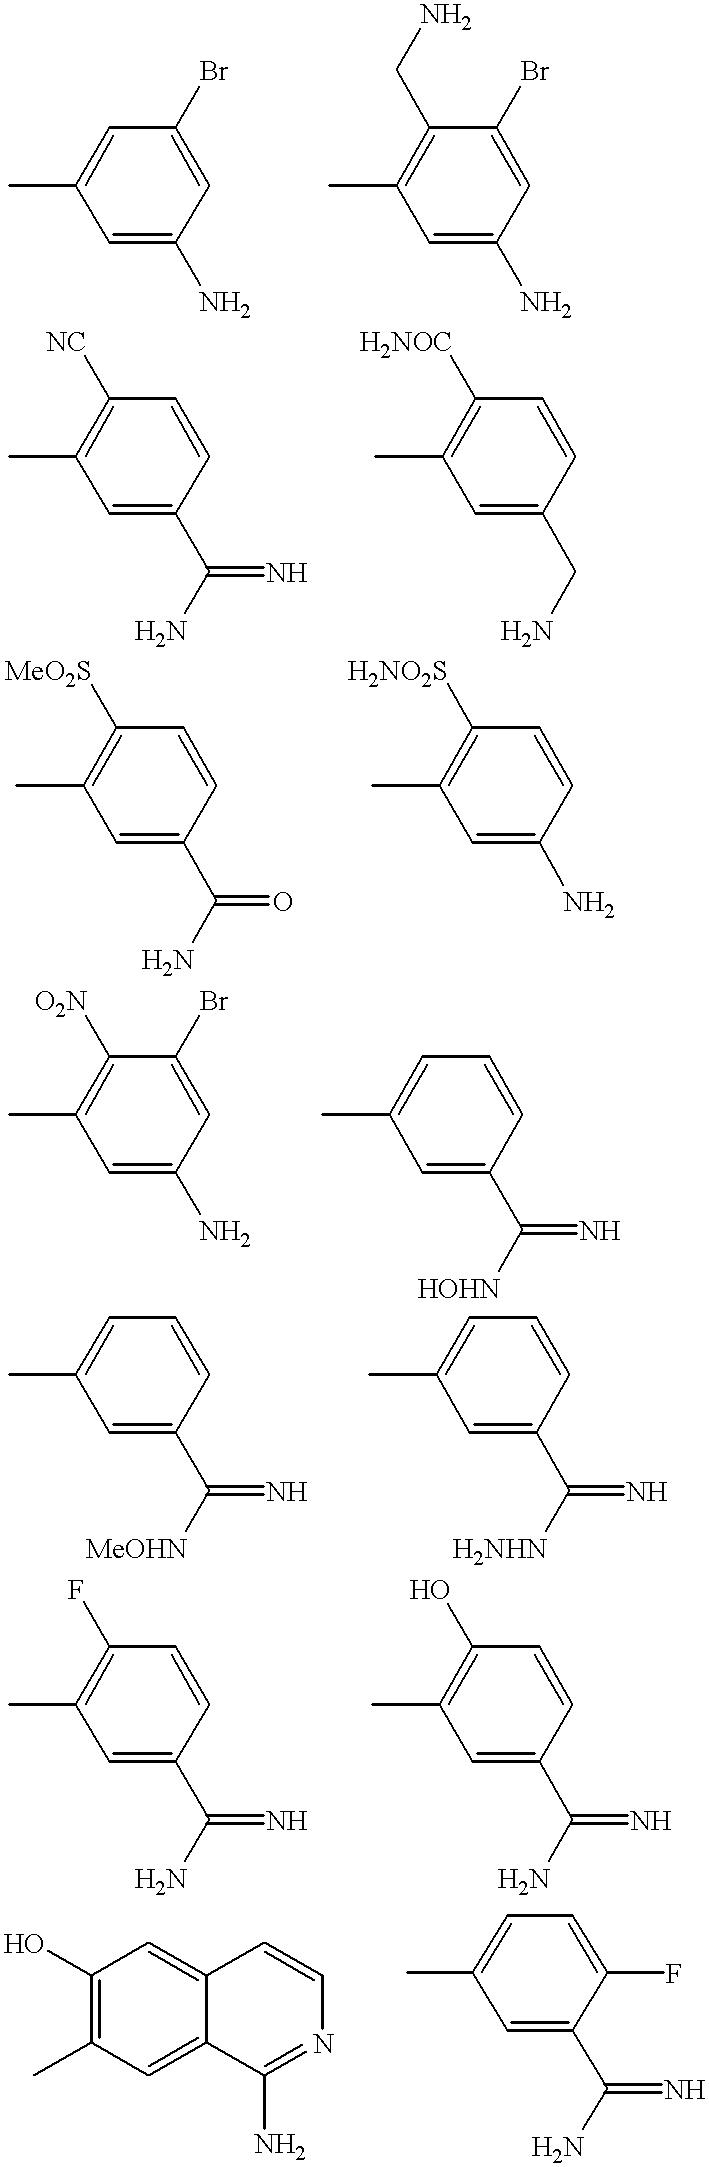 Figure US06376515-20020423-C00010